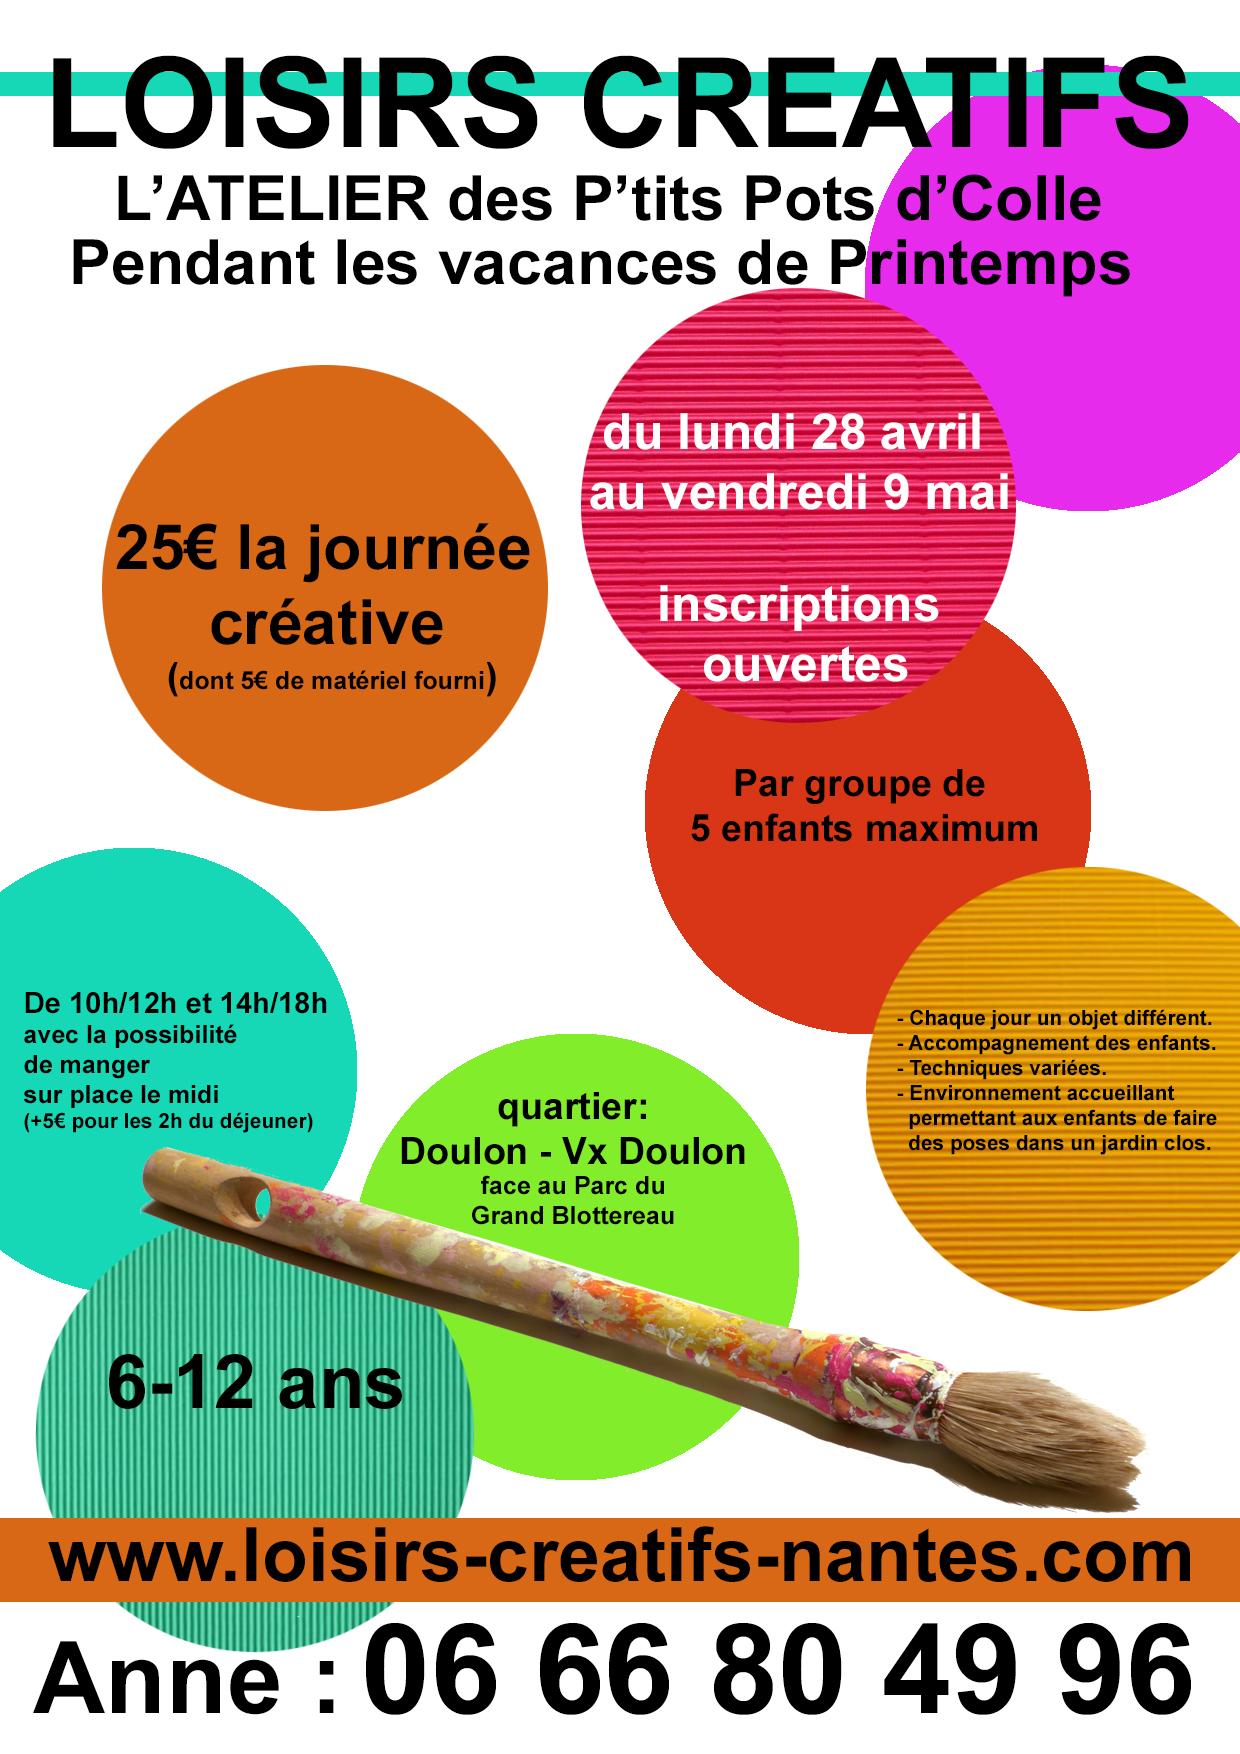 Les P'tits Pots d'colle-Nantes-Atelier loisirs créatifs-inscriptions vacances de printemps 2014